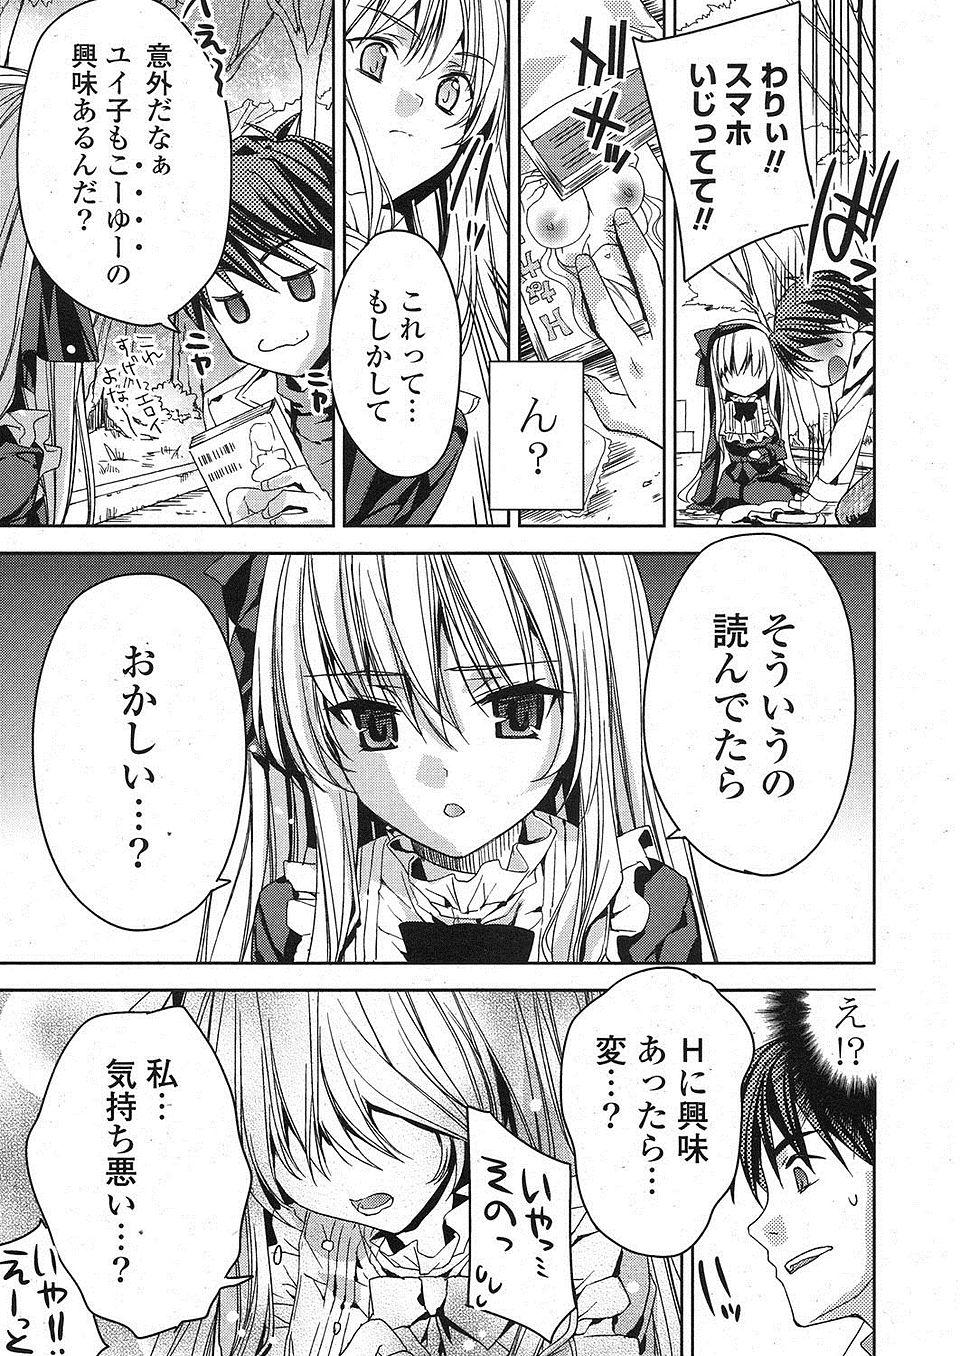 【エロ漫画・エロ同人】クールな巨乳美少女に告ったら即キスおねだりされてそのまま青姦セックスwww (9)